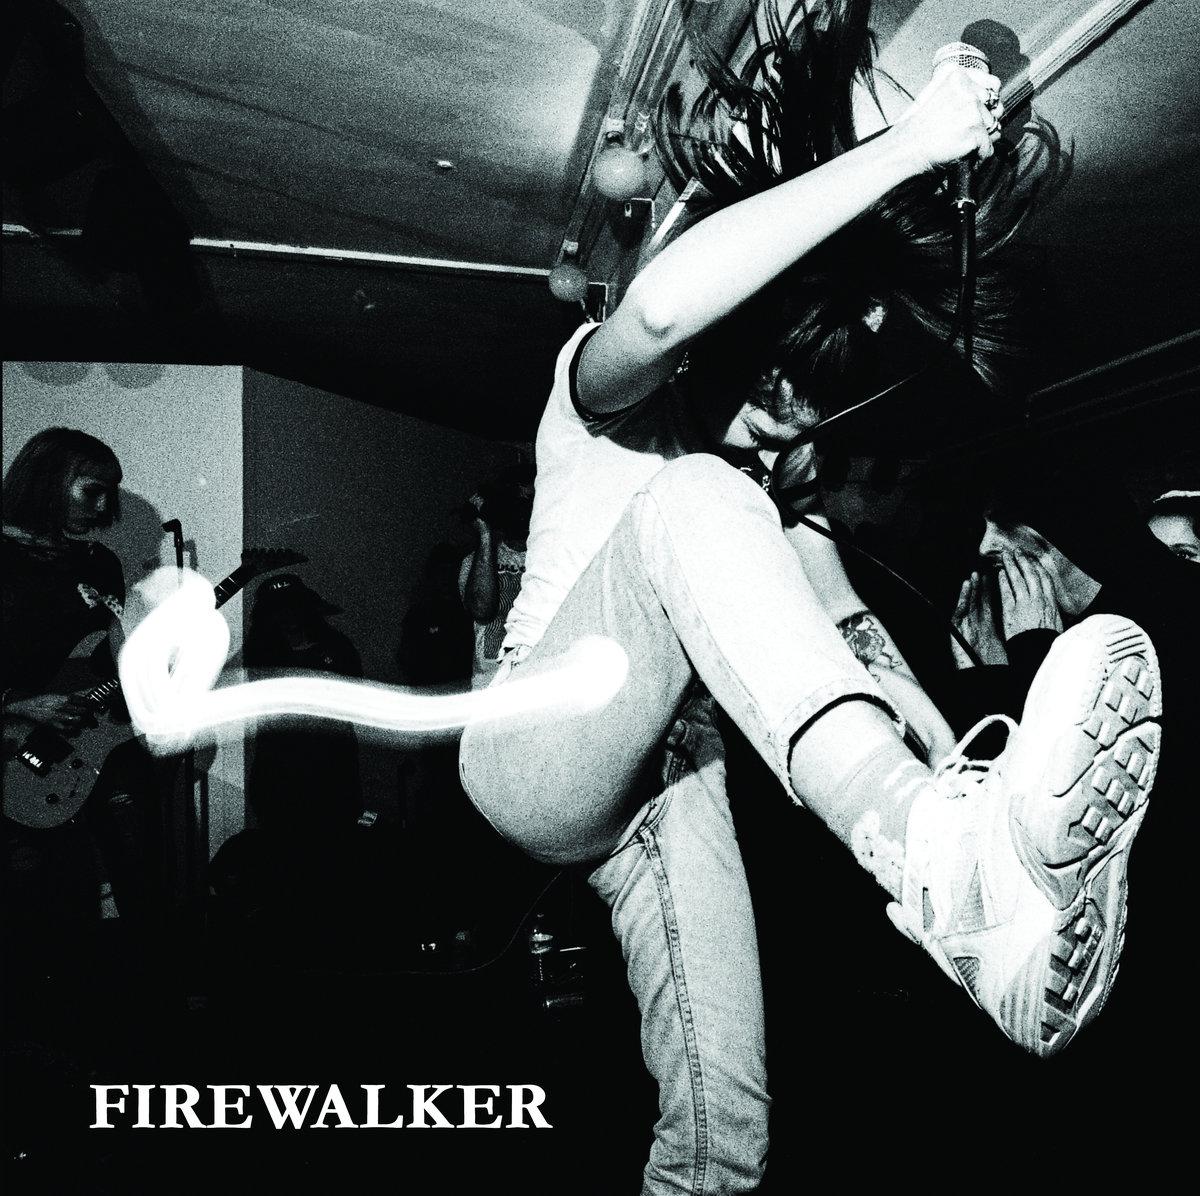 Firewalker - S/T